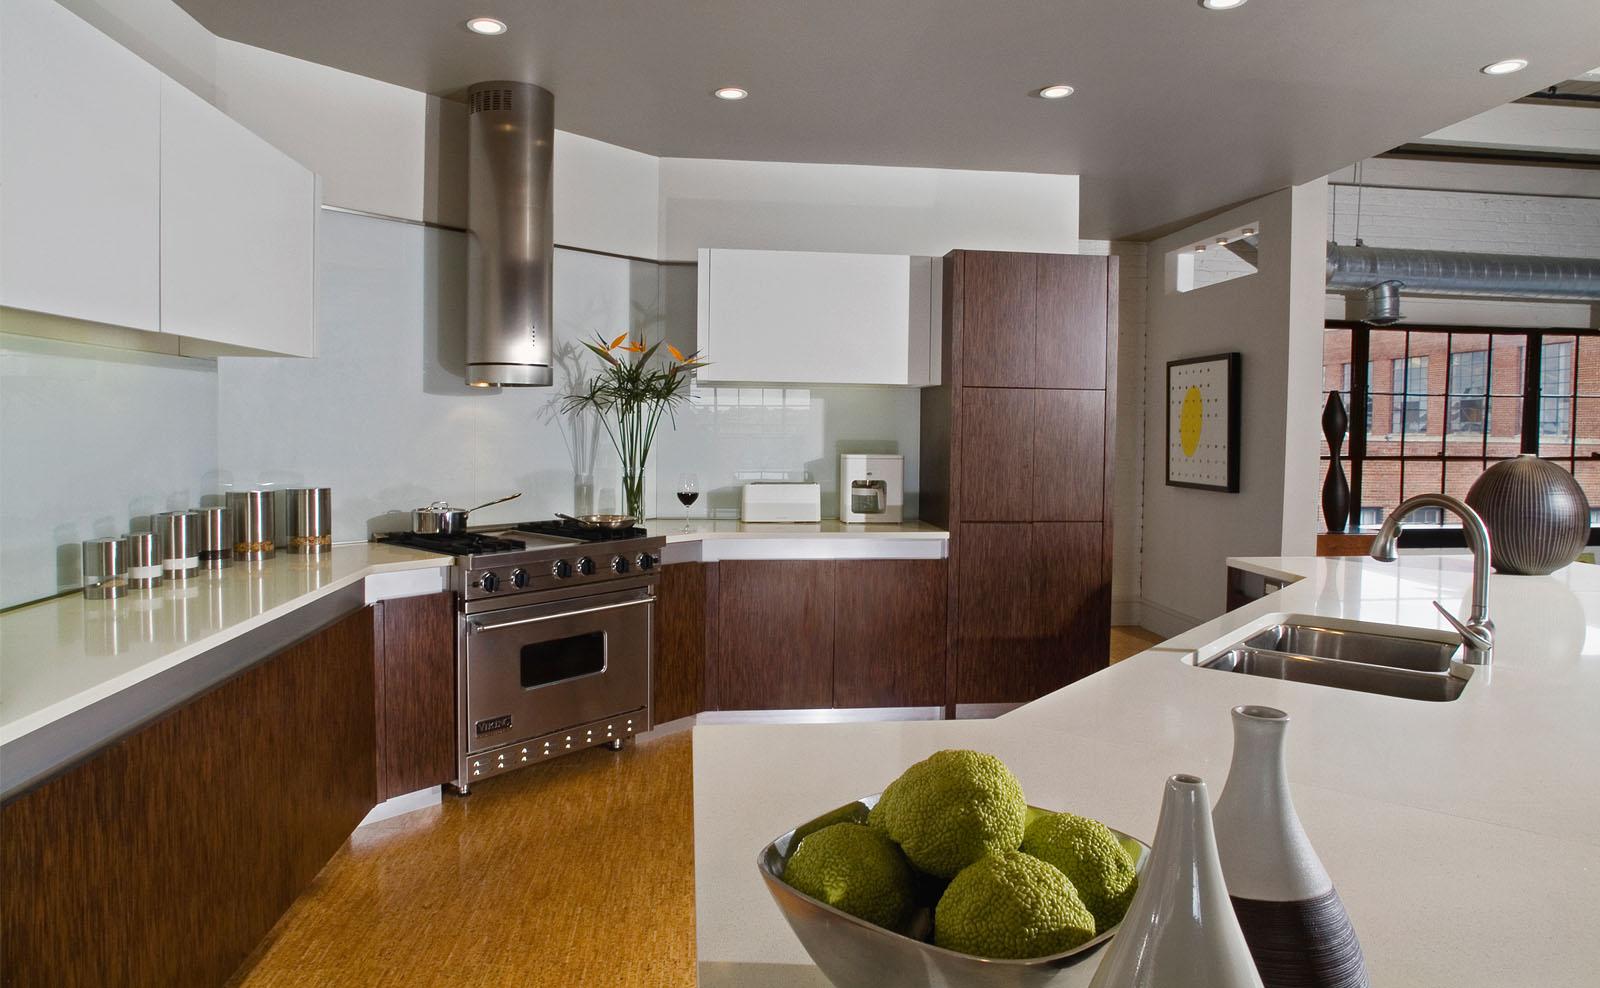 McCray & Co. - Residential Design